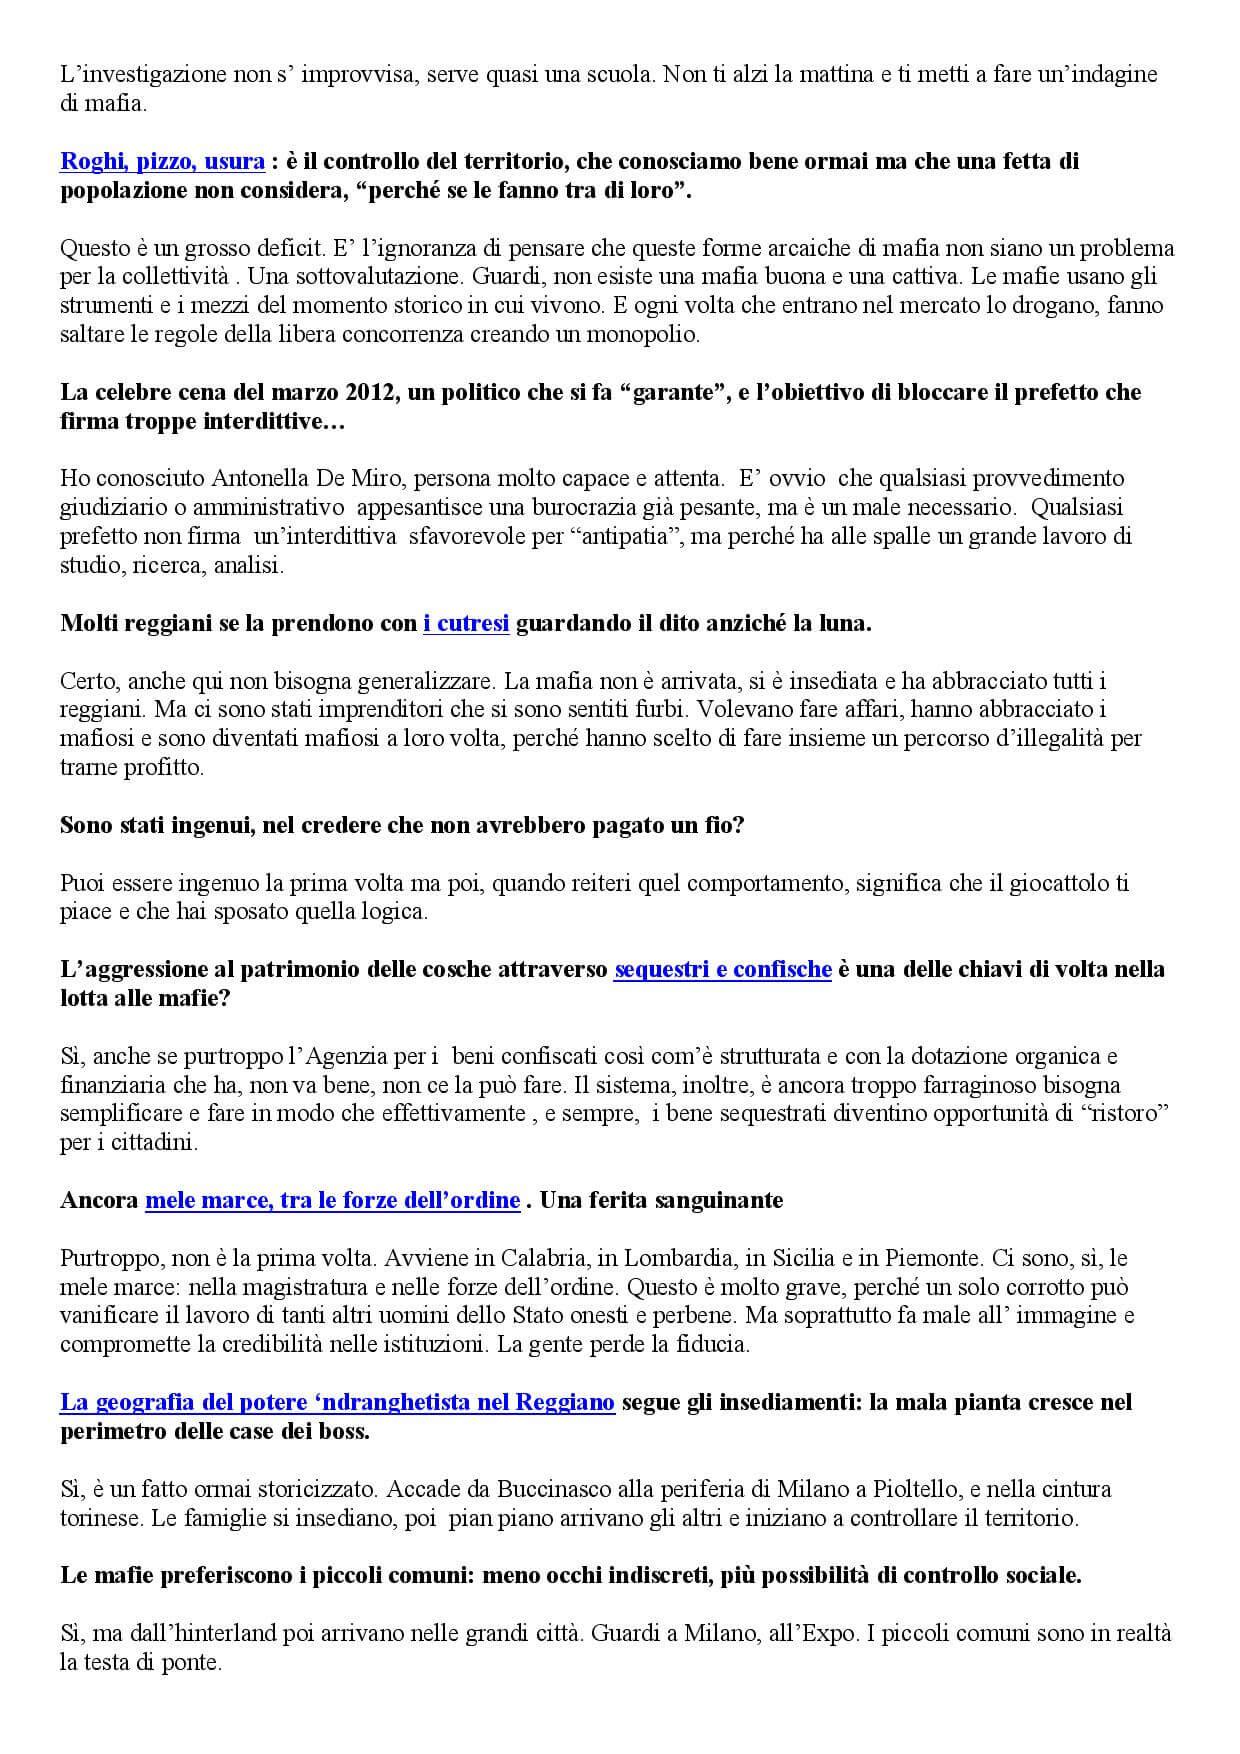 1_2_15_gdr_gratteri-page-003_t